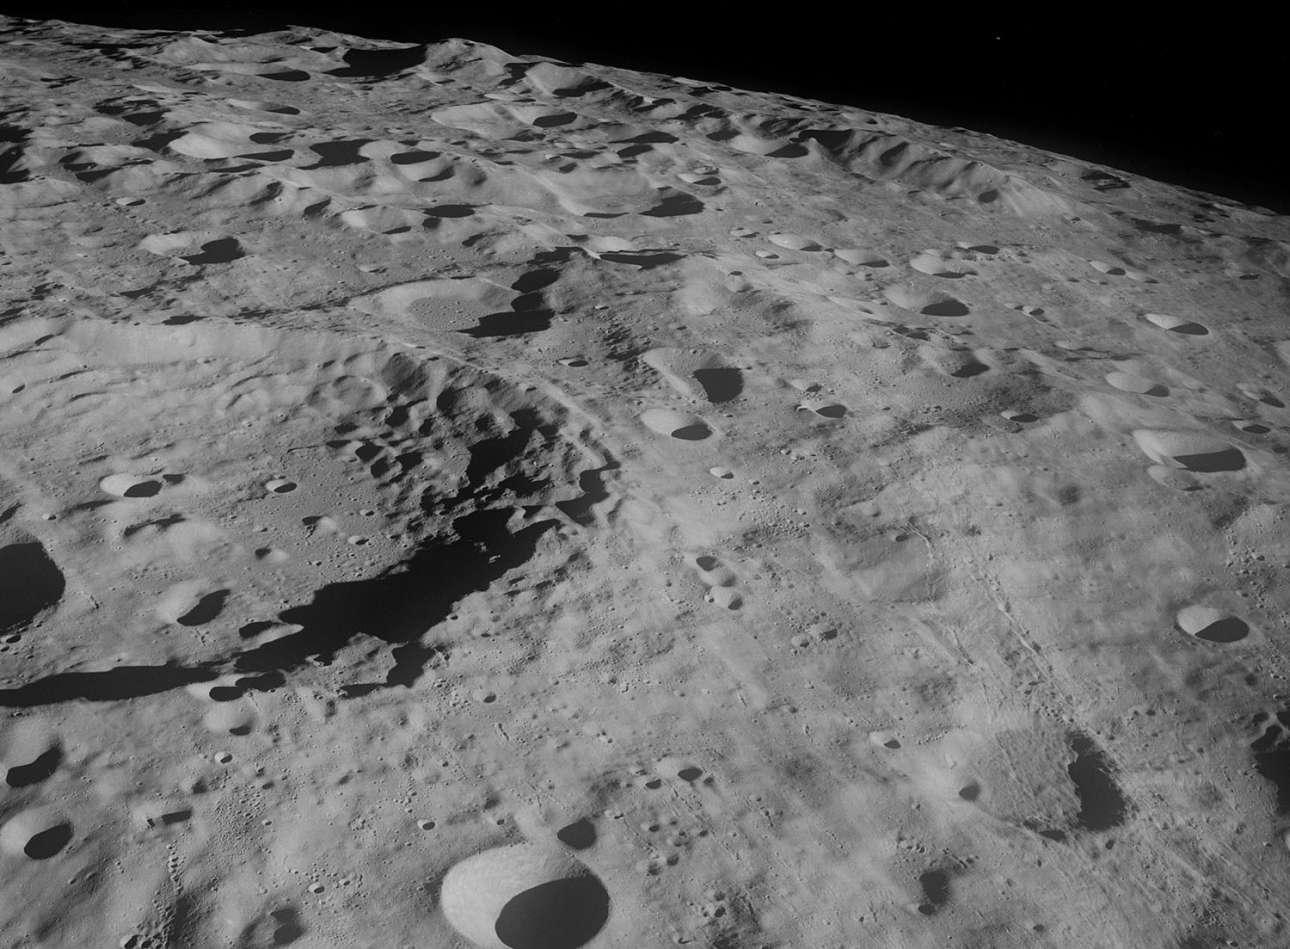 Ο διοικητής του Apollo 8 Φράνκ Μπόρμαν περιέγραψε εξαιρετικά το τοπίο της Σελήνης ως «μία απέραντη, μοναχική, αφιλόξενη έκταση του τίποτα»